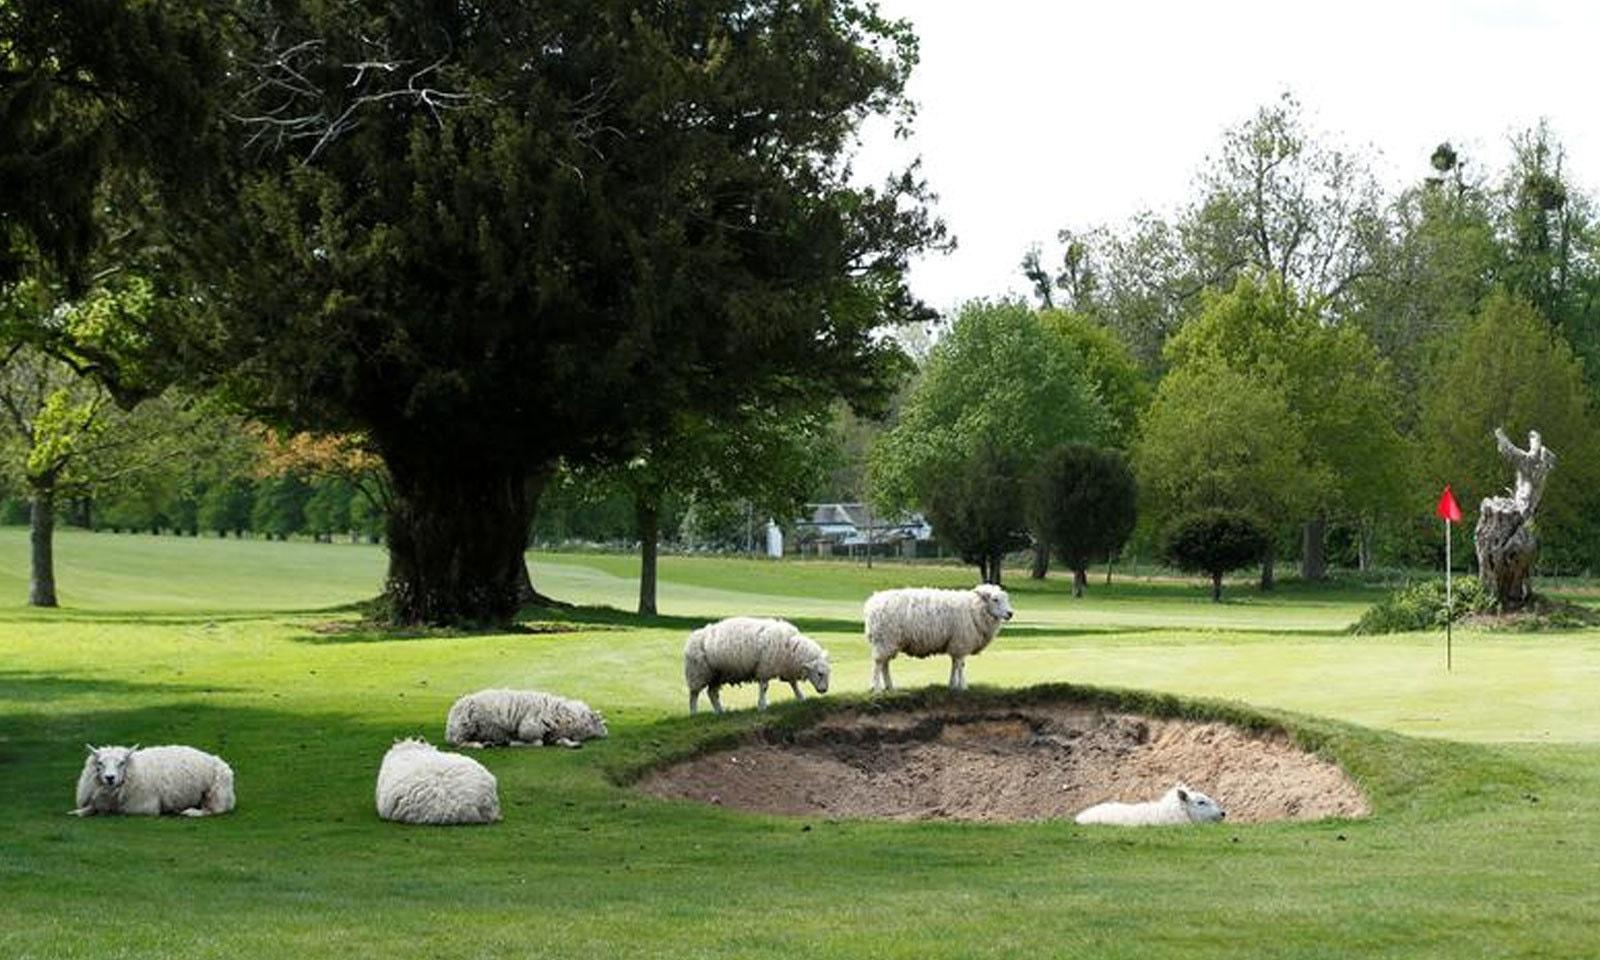 برطانیہ کے ایونگٹن پارک میں بھیڑیں گھاس چررہی ہیں —فوٹو: رائٹرز